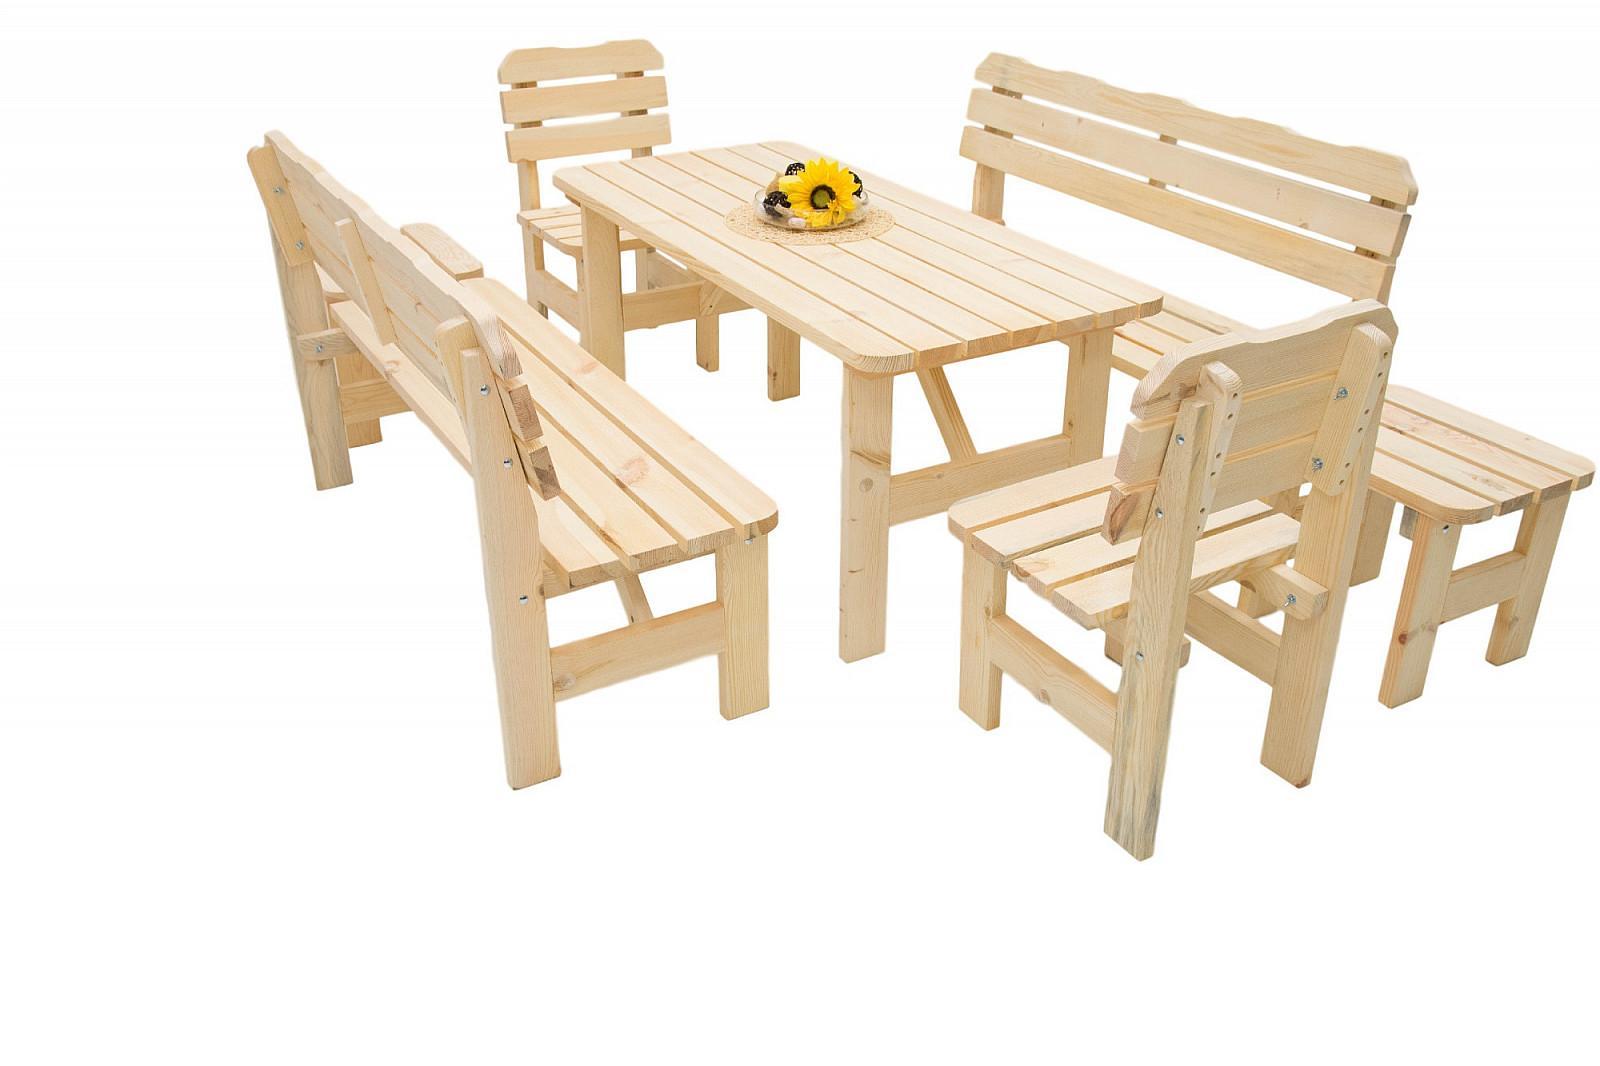 DEOKORK Masívna drevená záhradná zostava z borovice 1 6 drevo 32 mm (180 cm)